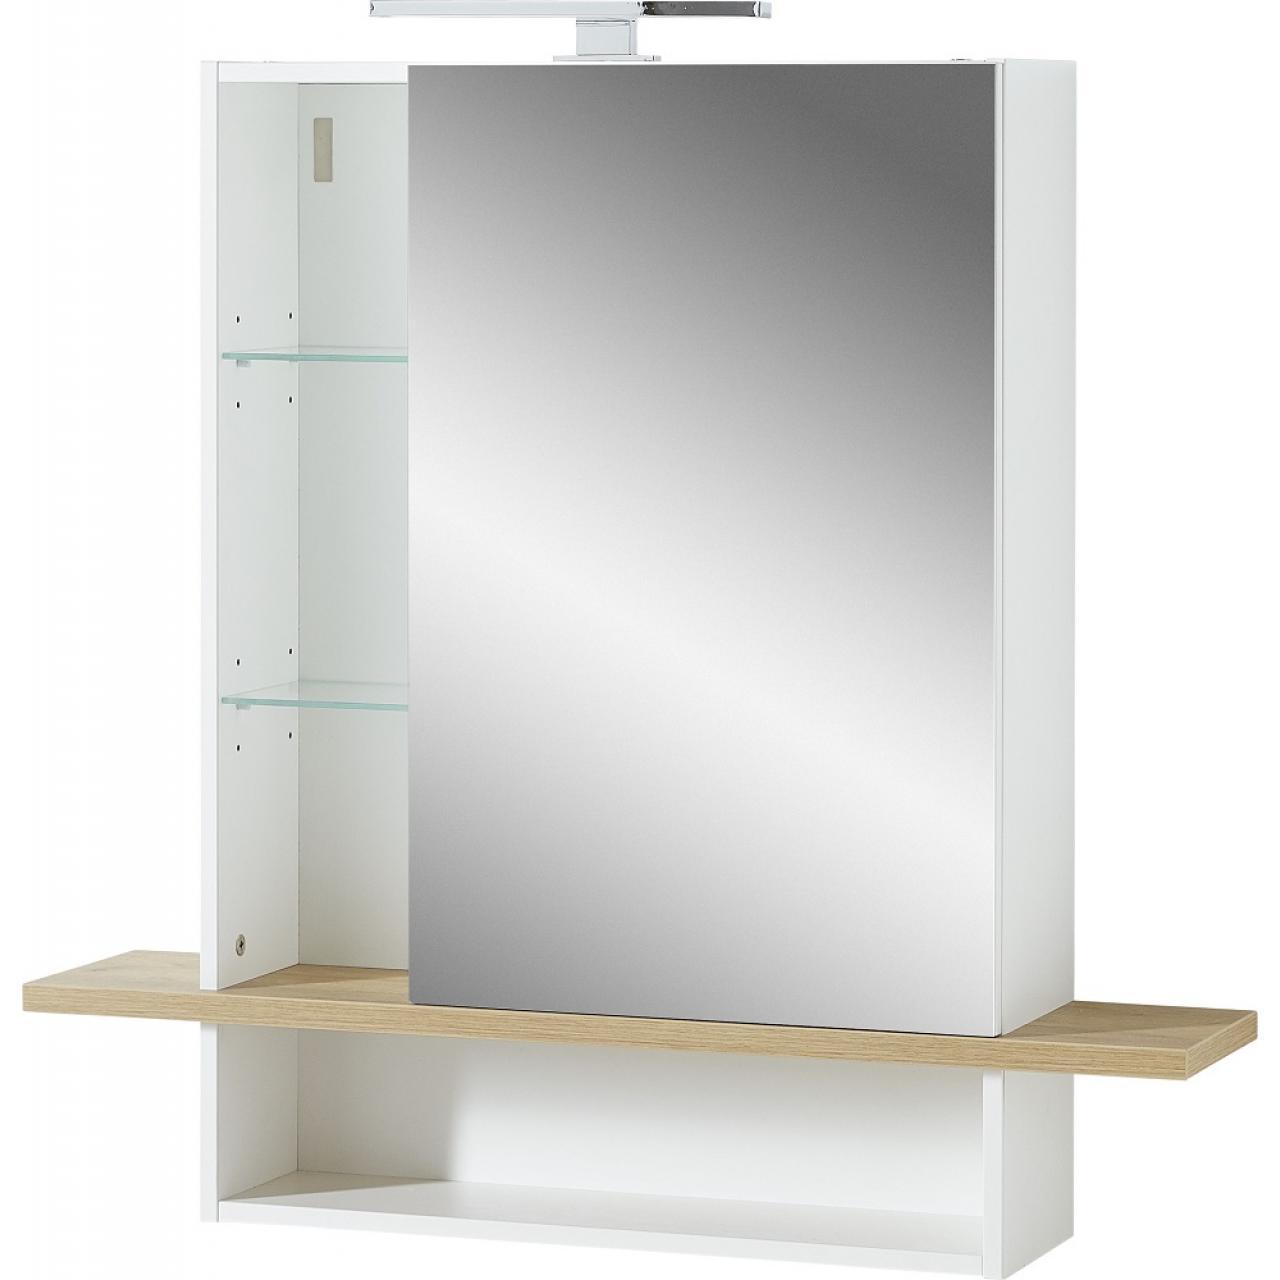 Spiegelschrank Novolino 1436 Weiß Eiche-Navarro Nb. Gäste-WC Badezimmer